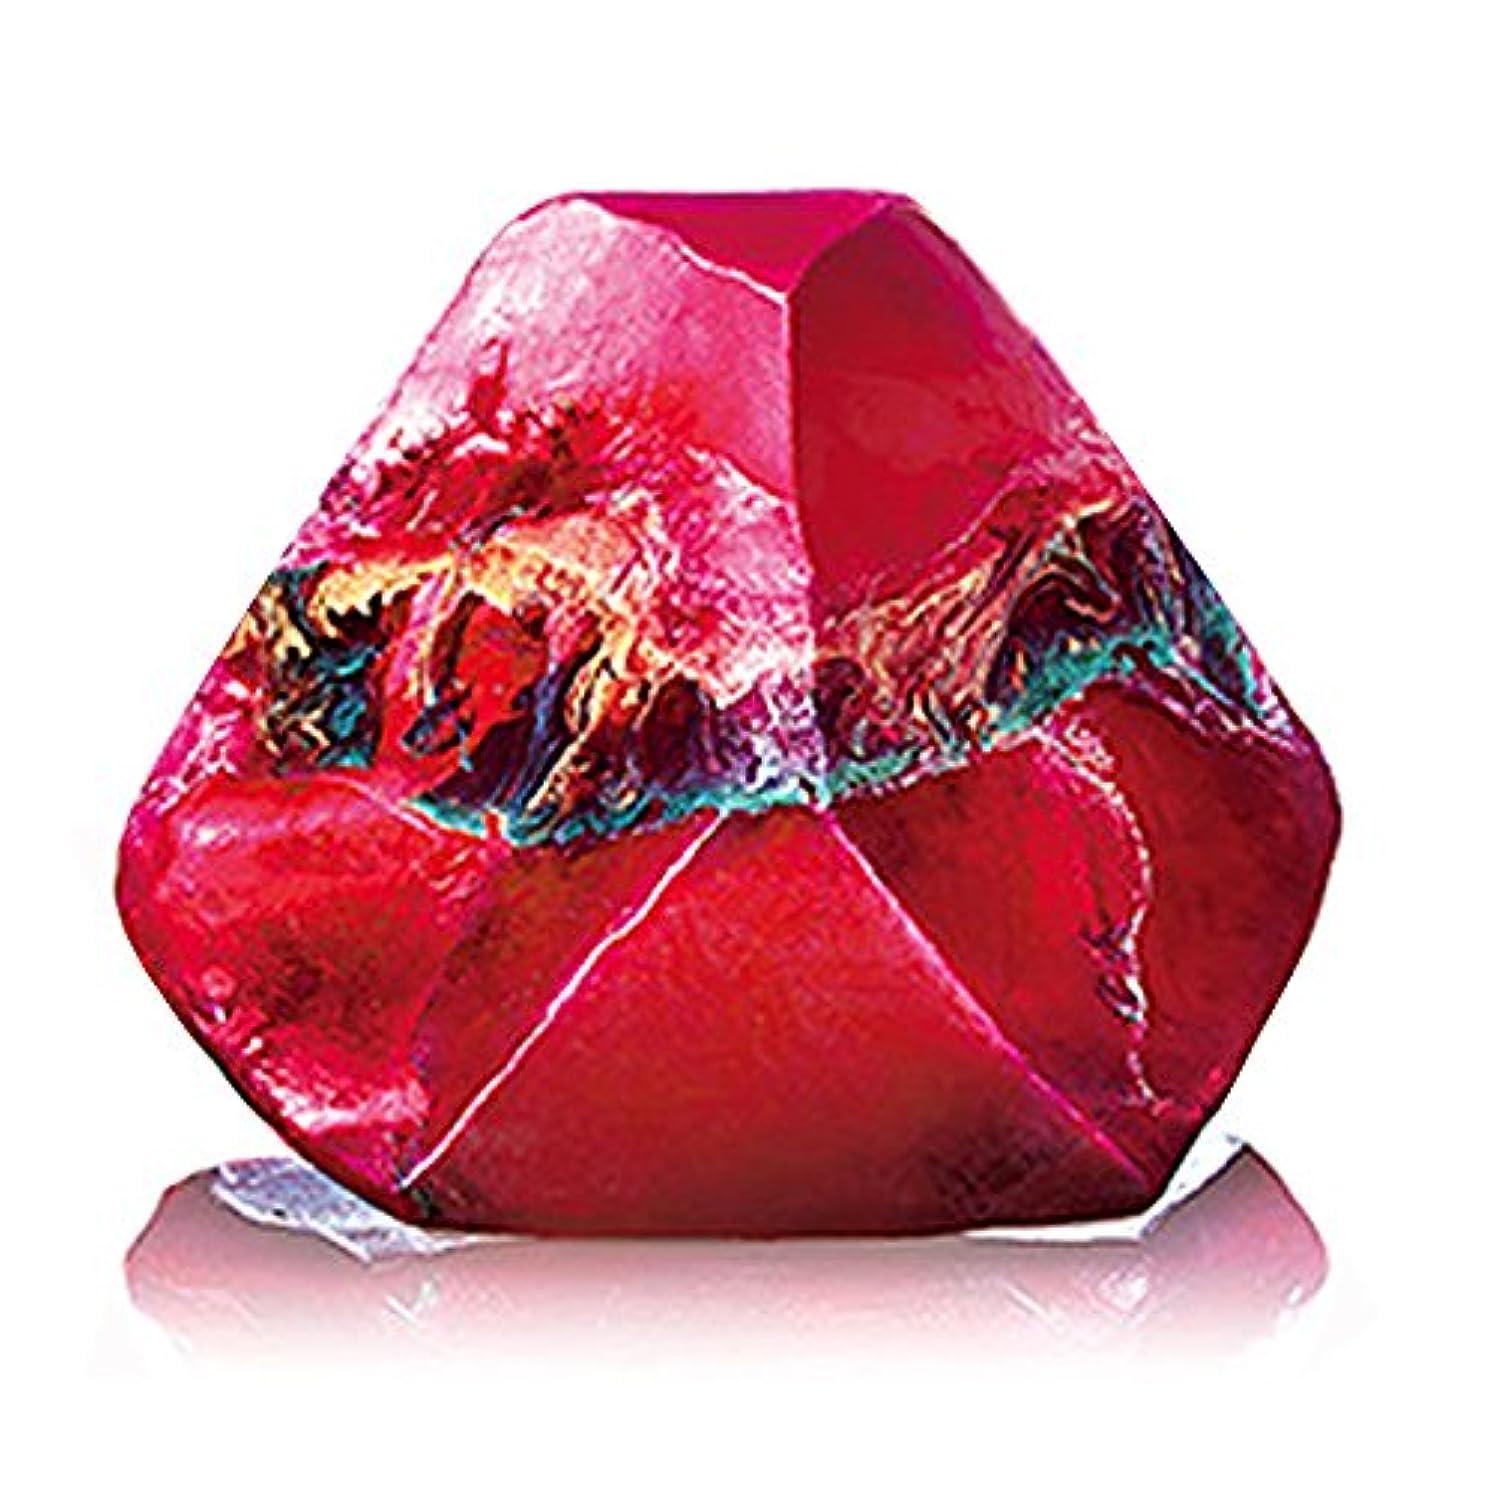 保護する褒賞褒賞Savons Gemme サボンジェム 世界で一番美しい宝石石鹸 フレグランス ソープ ガーネット ミニ 114g